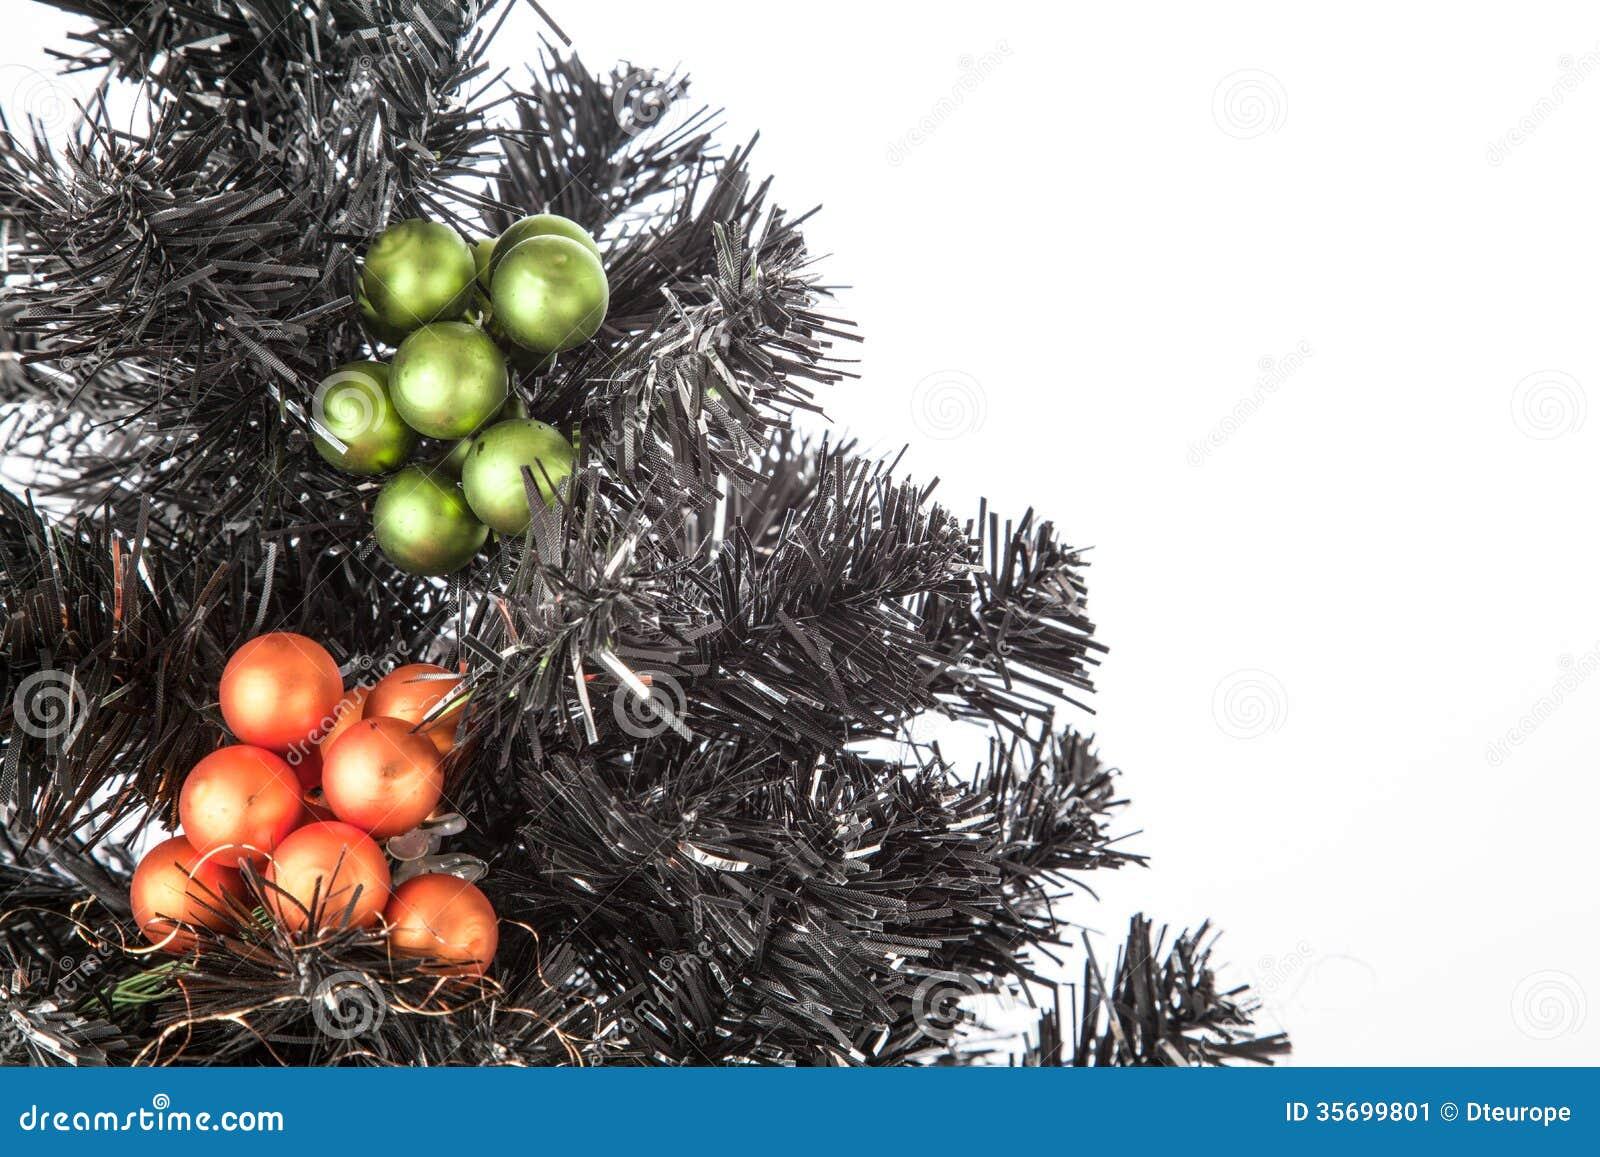 Schwarzer Weihnachtsbaum.Schwarzer Weihnachtsbaum Stockbild Bild Von Betrieb 35699801